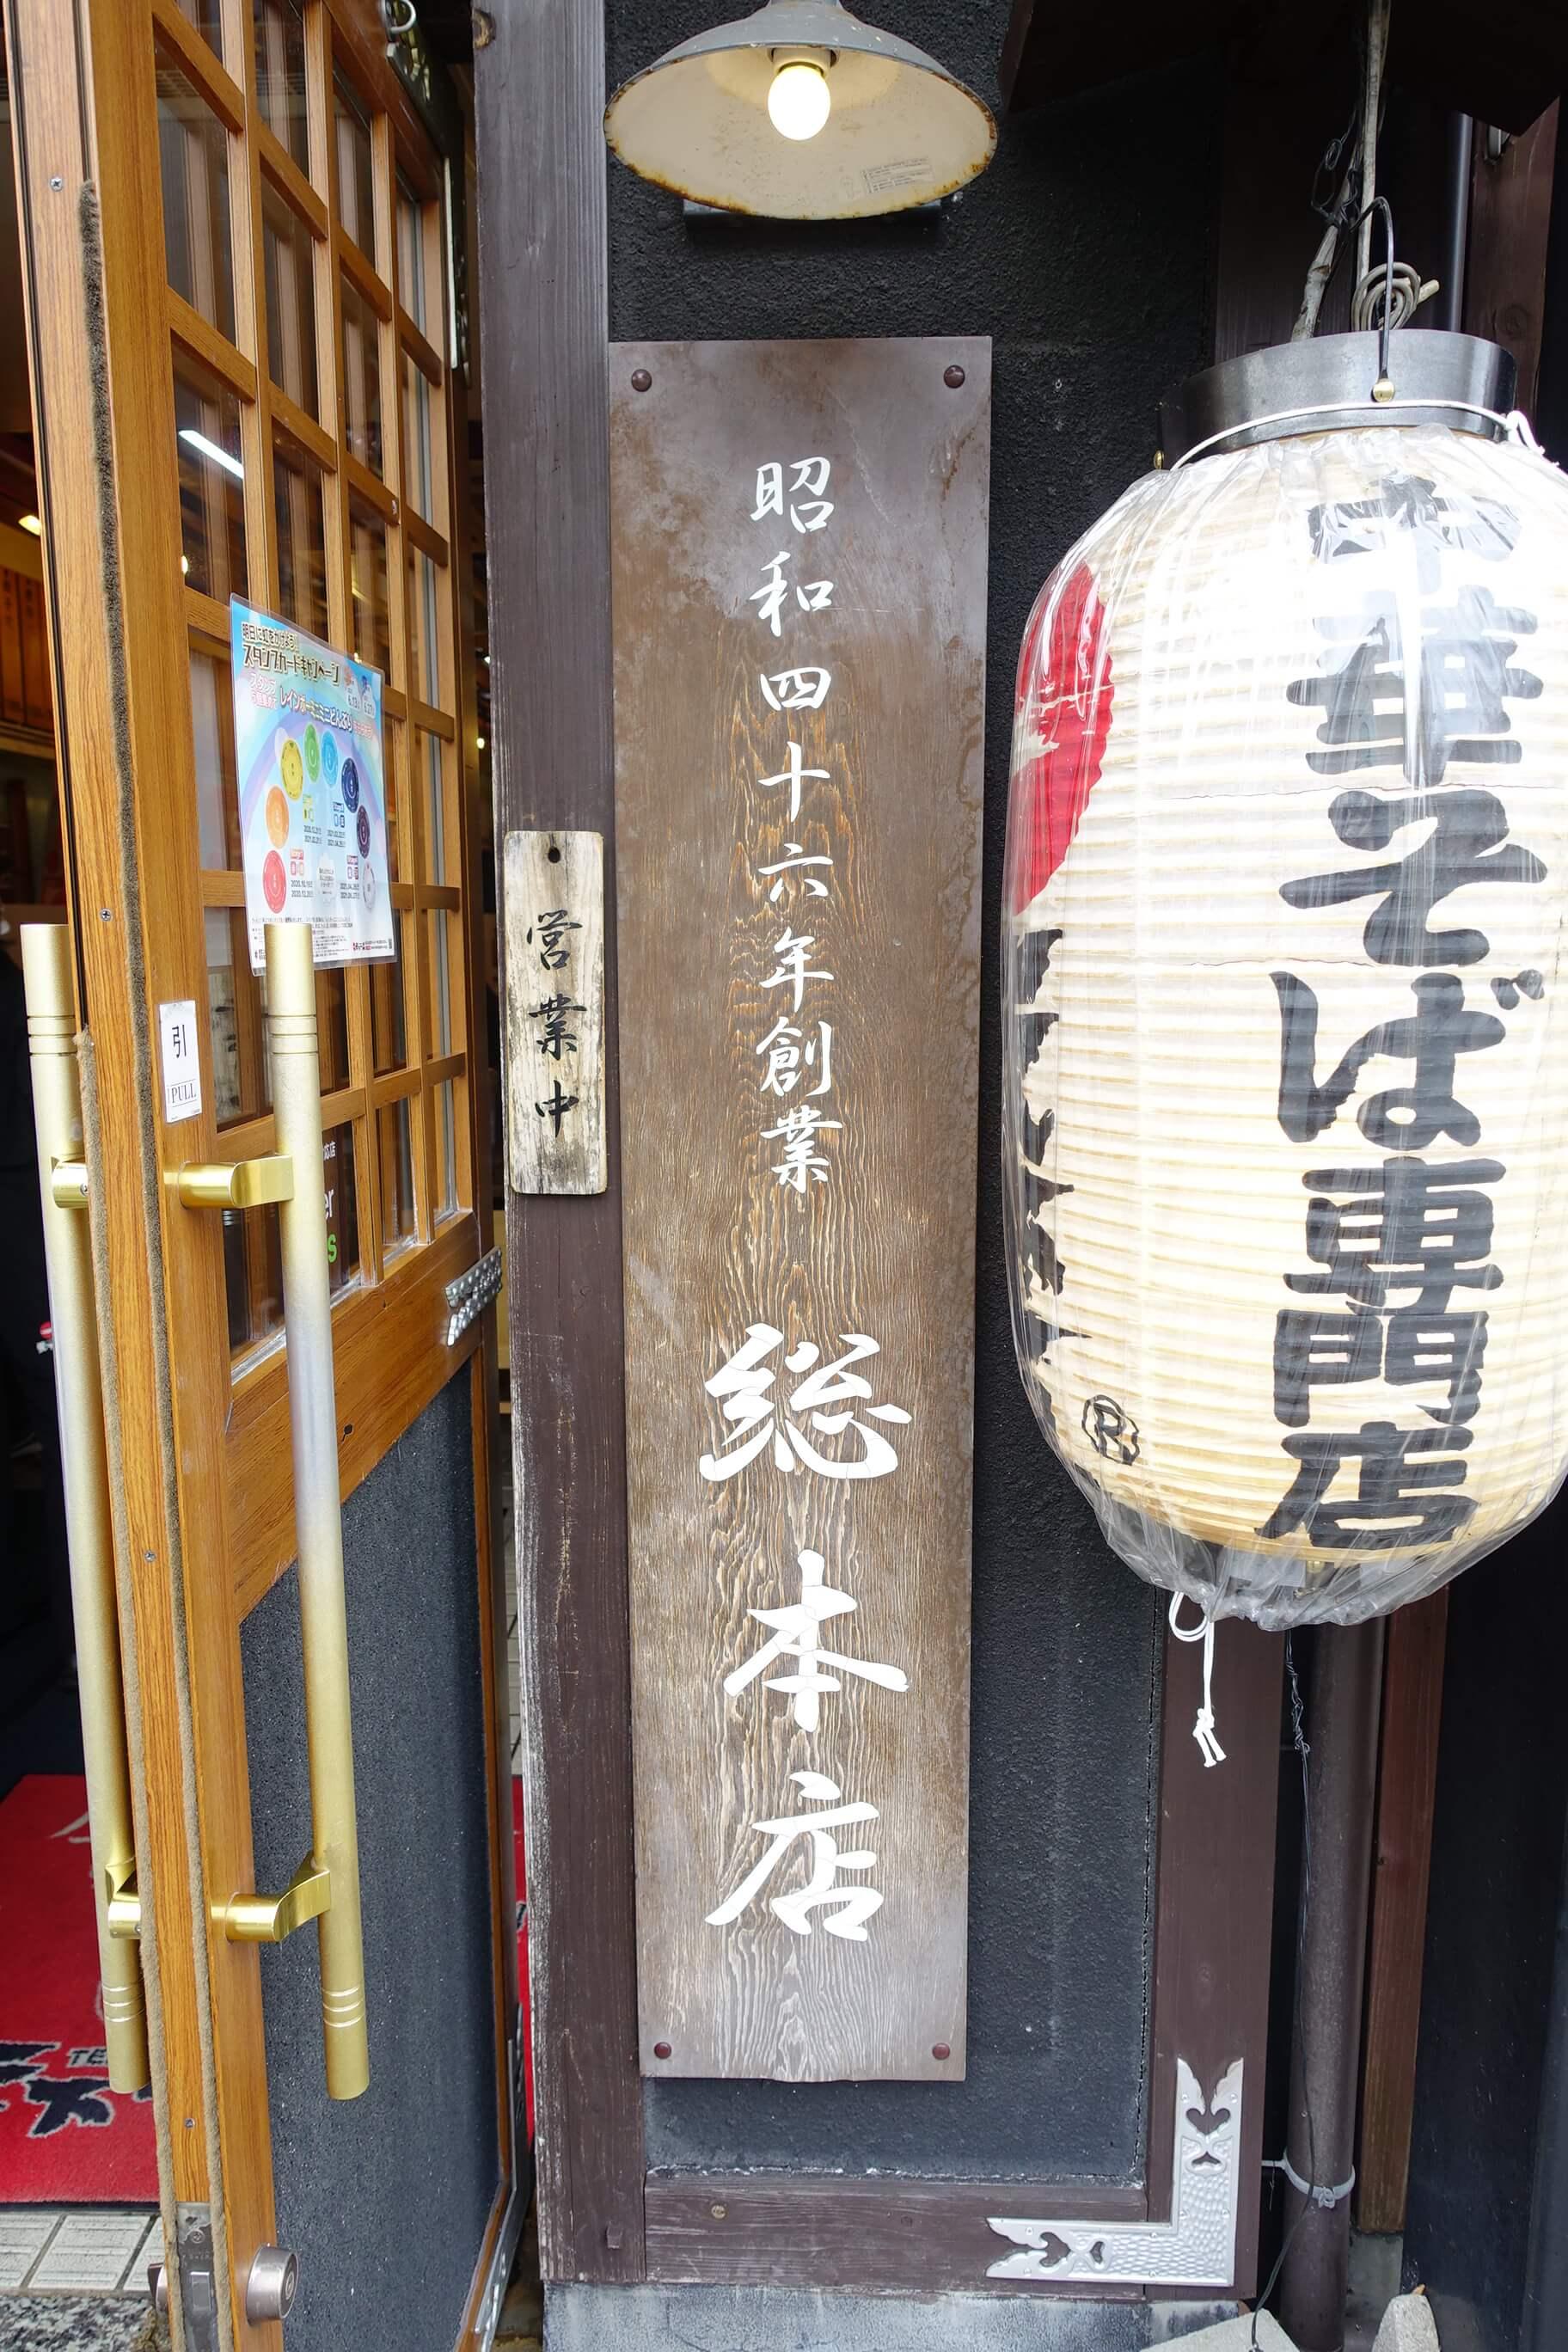 家裁 京都 京都弁護士会-南部地域における地家裁支部設置推進対策本部-